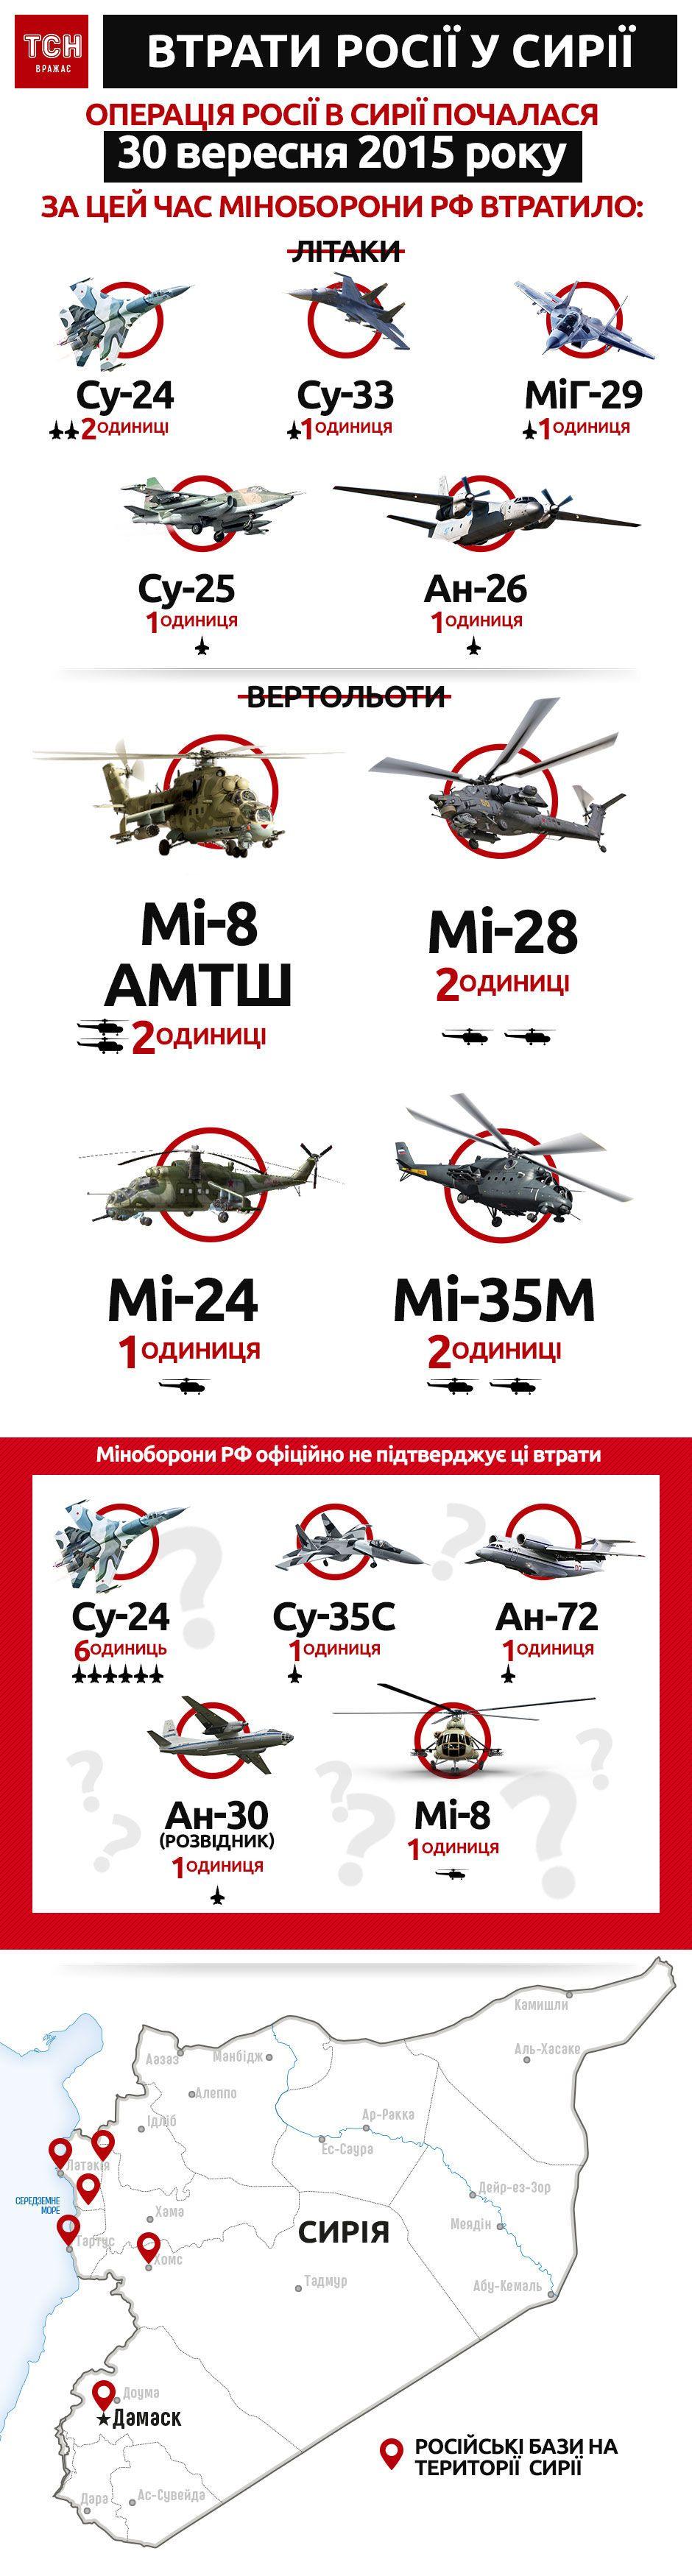 Втрати техніки Росії у Сирії, інфографіка